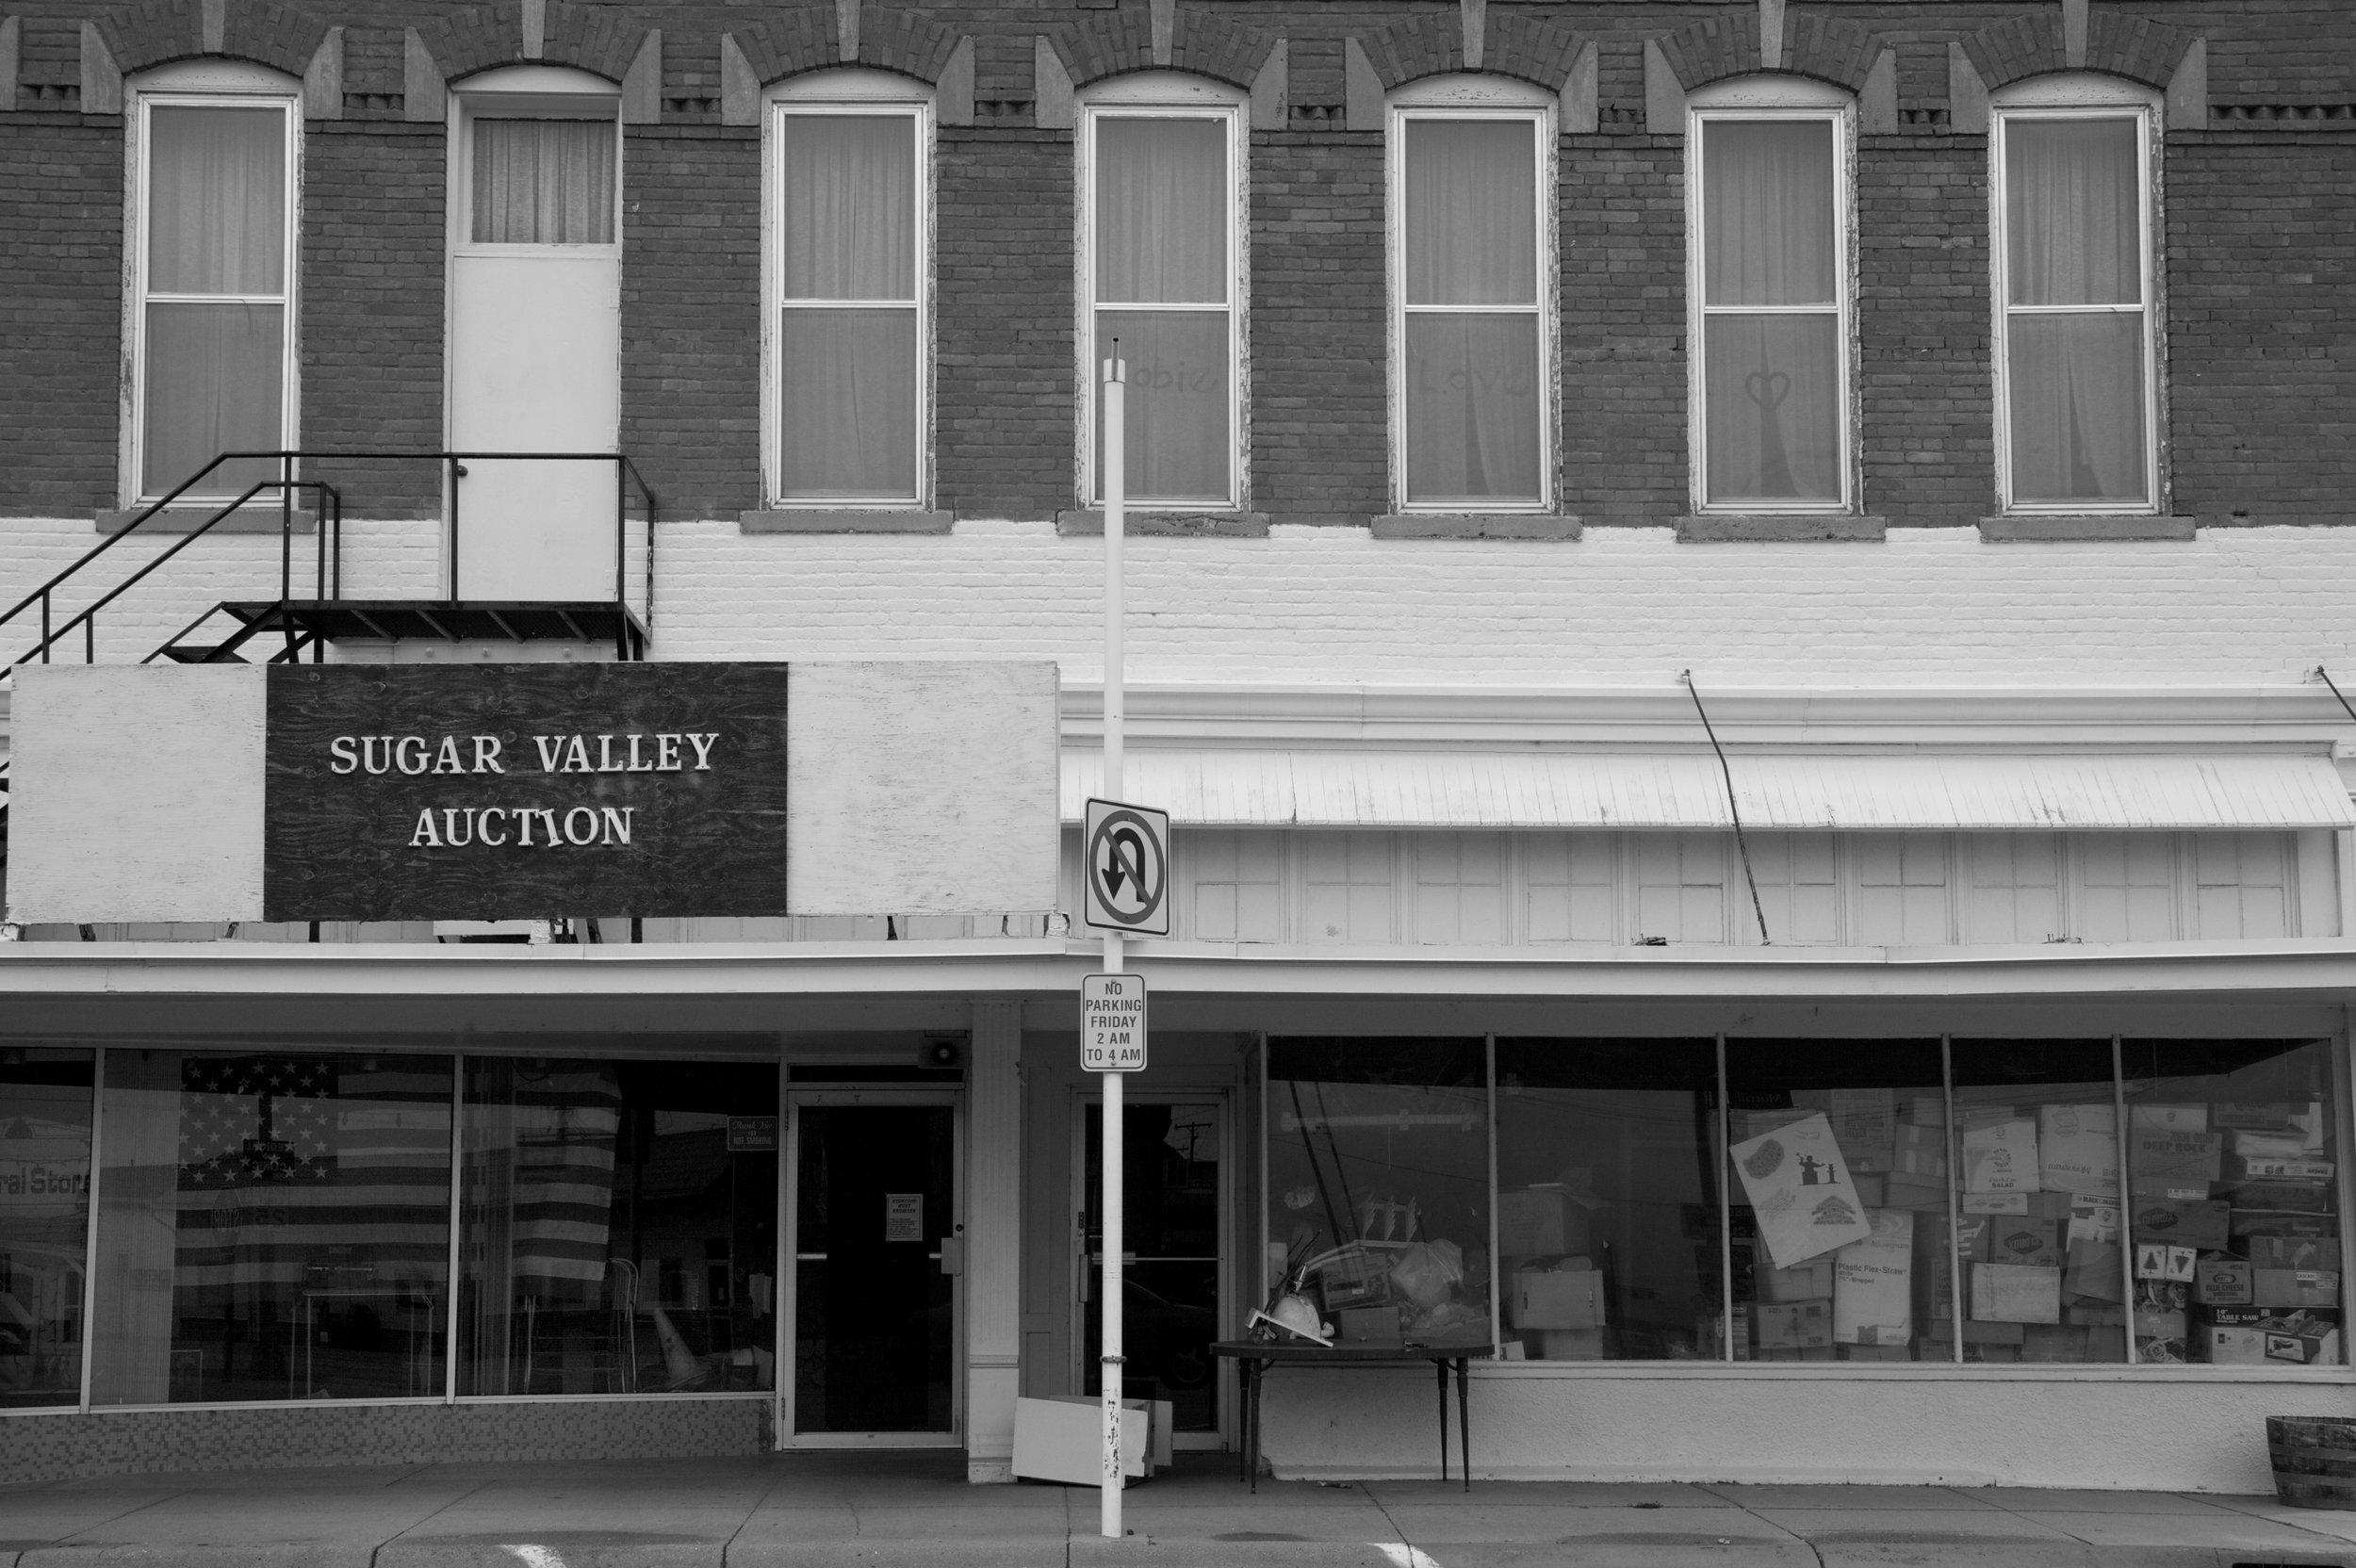 Sugar Valley Auction